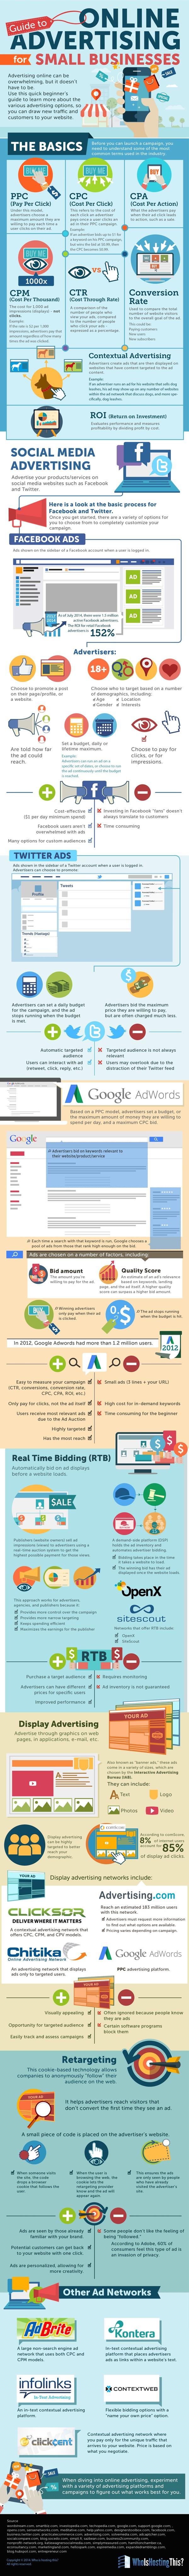 Publicidad en Internet para pequeños negocios – Infografía